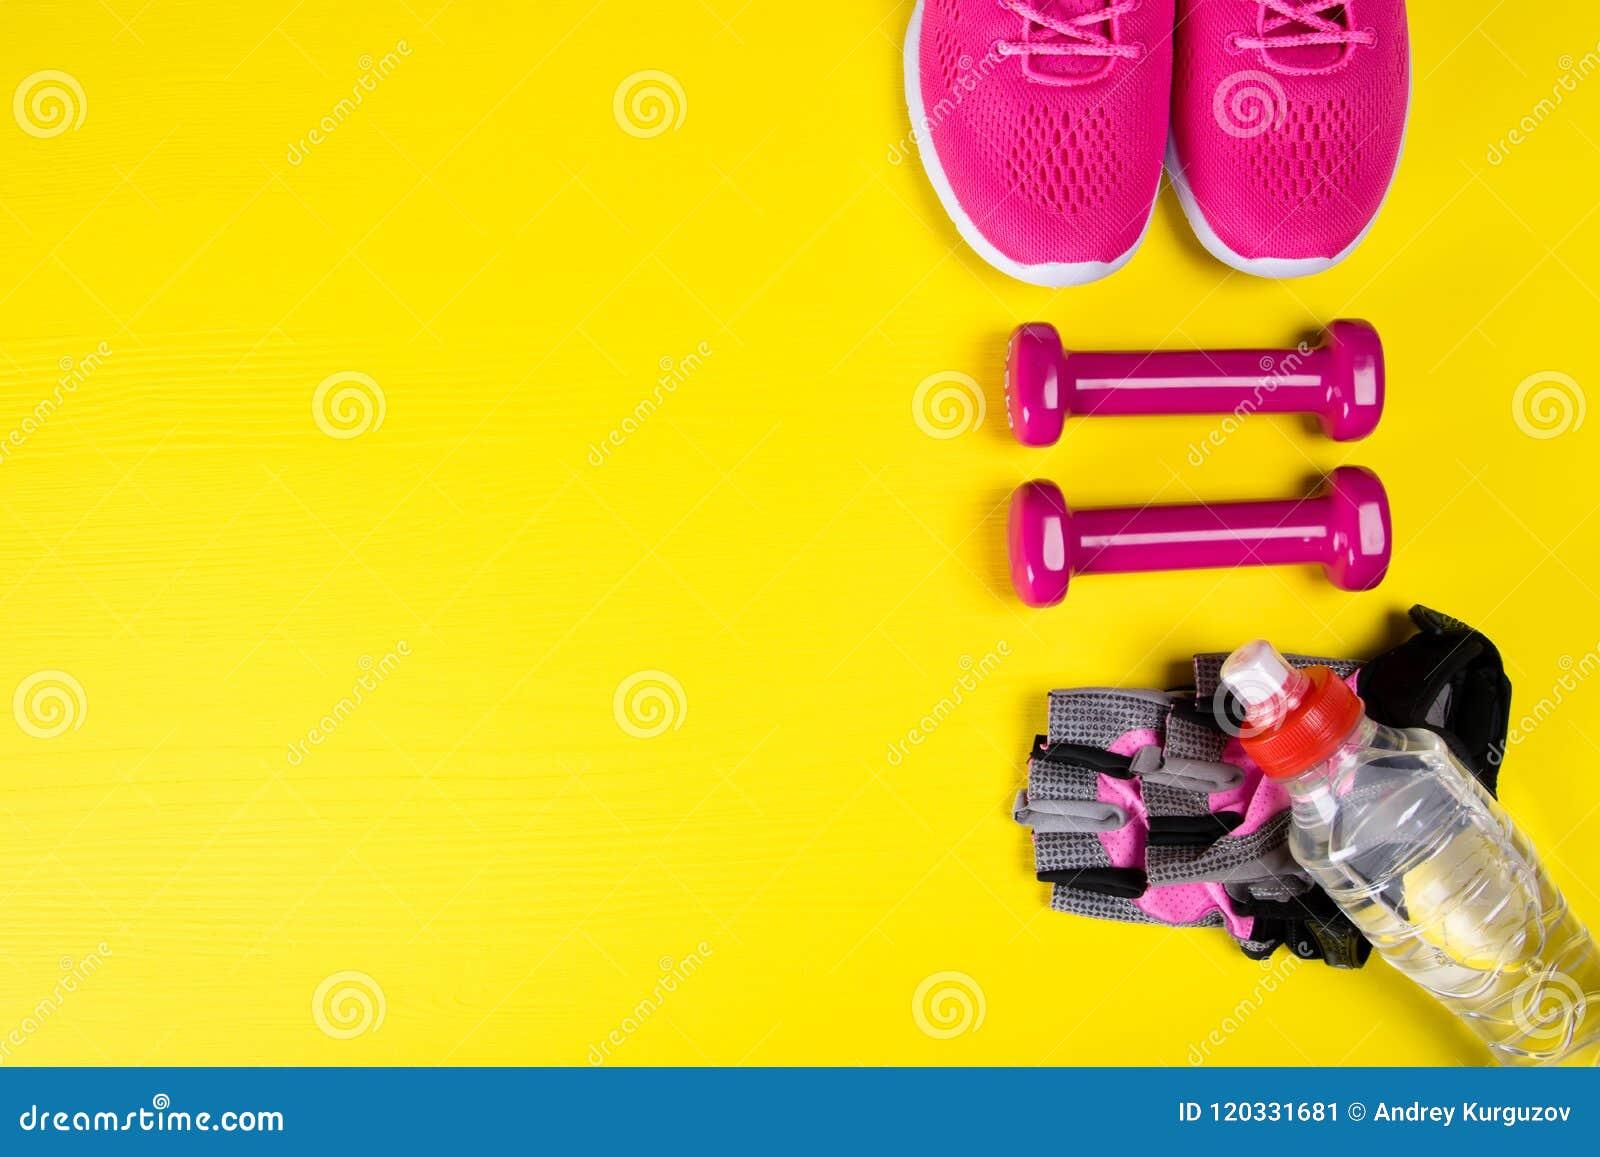 Ρόδινα πάνινα παπούτσια και εξαρτήματα για την ικανότητα, και ένα μπουκάλι νερό, σε ένα κίτρινο υπόβαθρο, με μια θέση για το γράψ